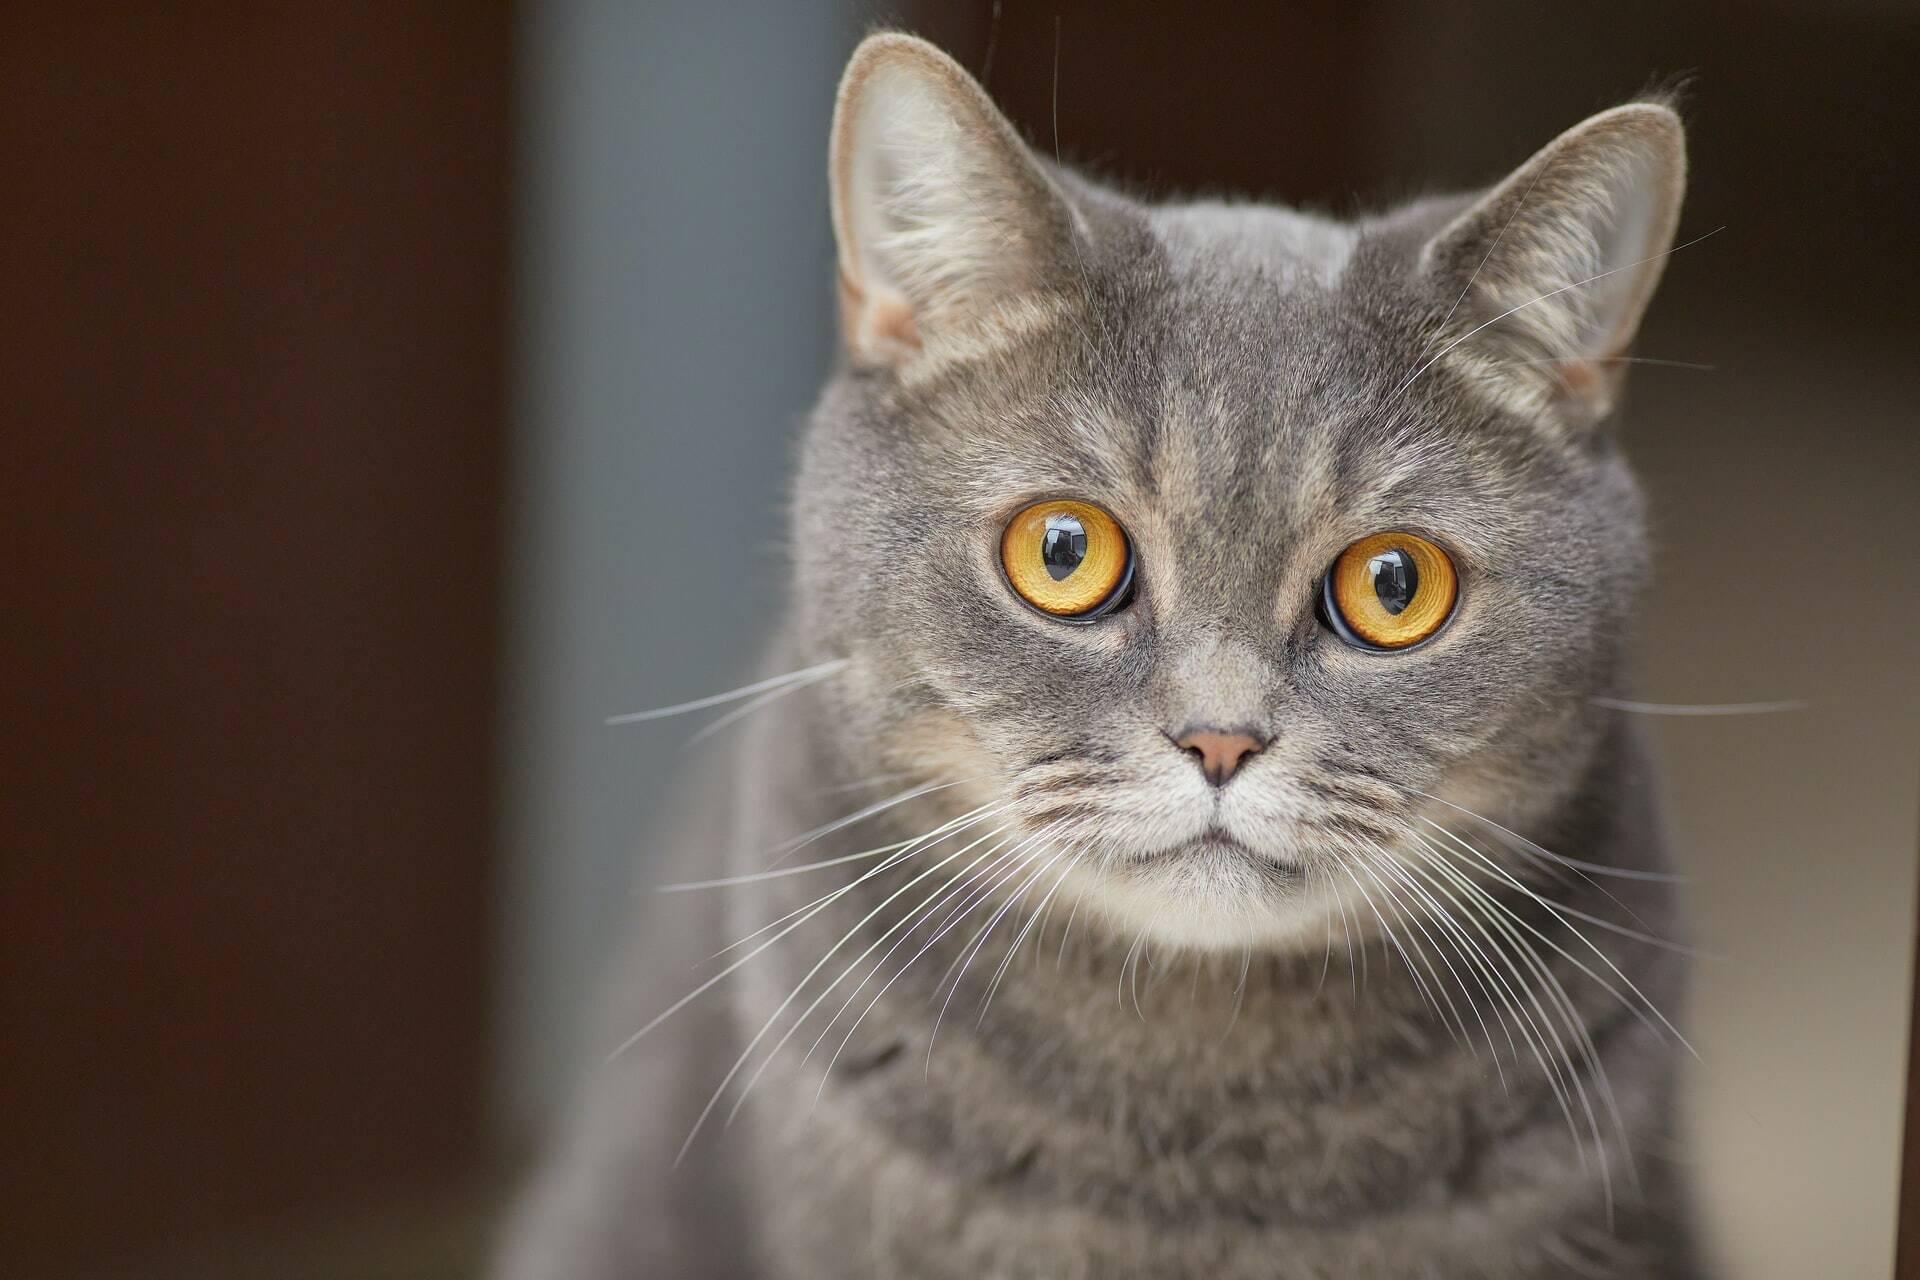 Aplicativo que identifica emoções dos gatos viraliza na China